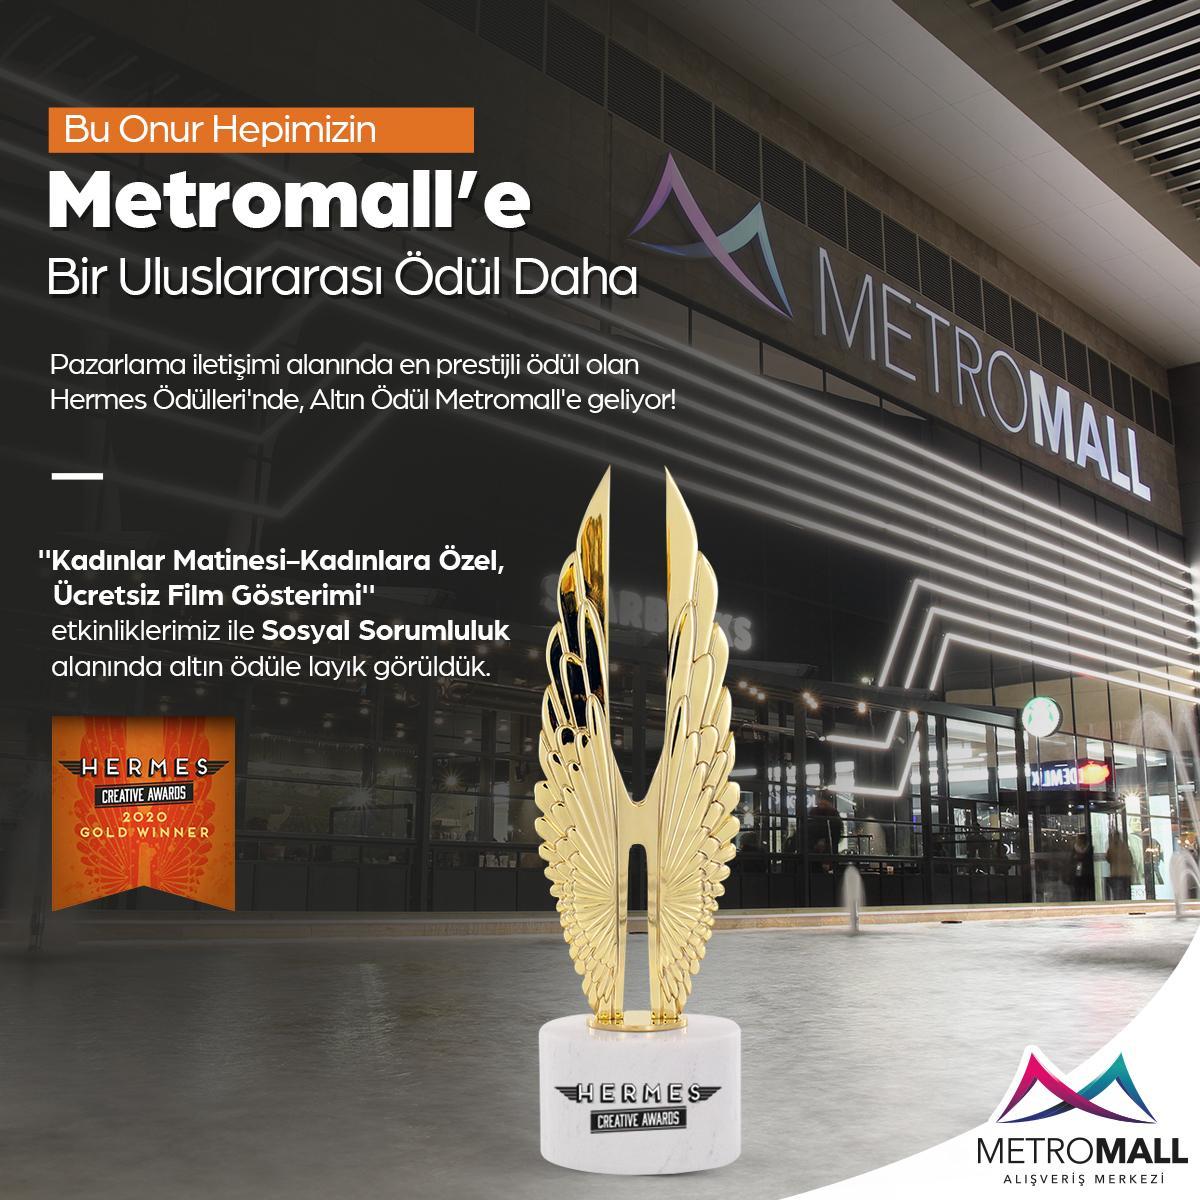 Metromall'e bir uluslararası ödül daha